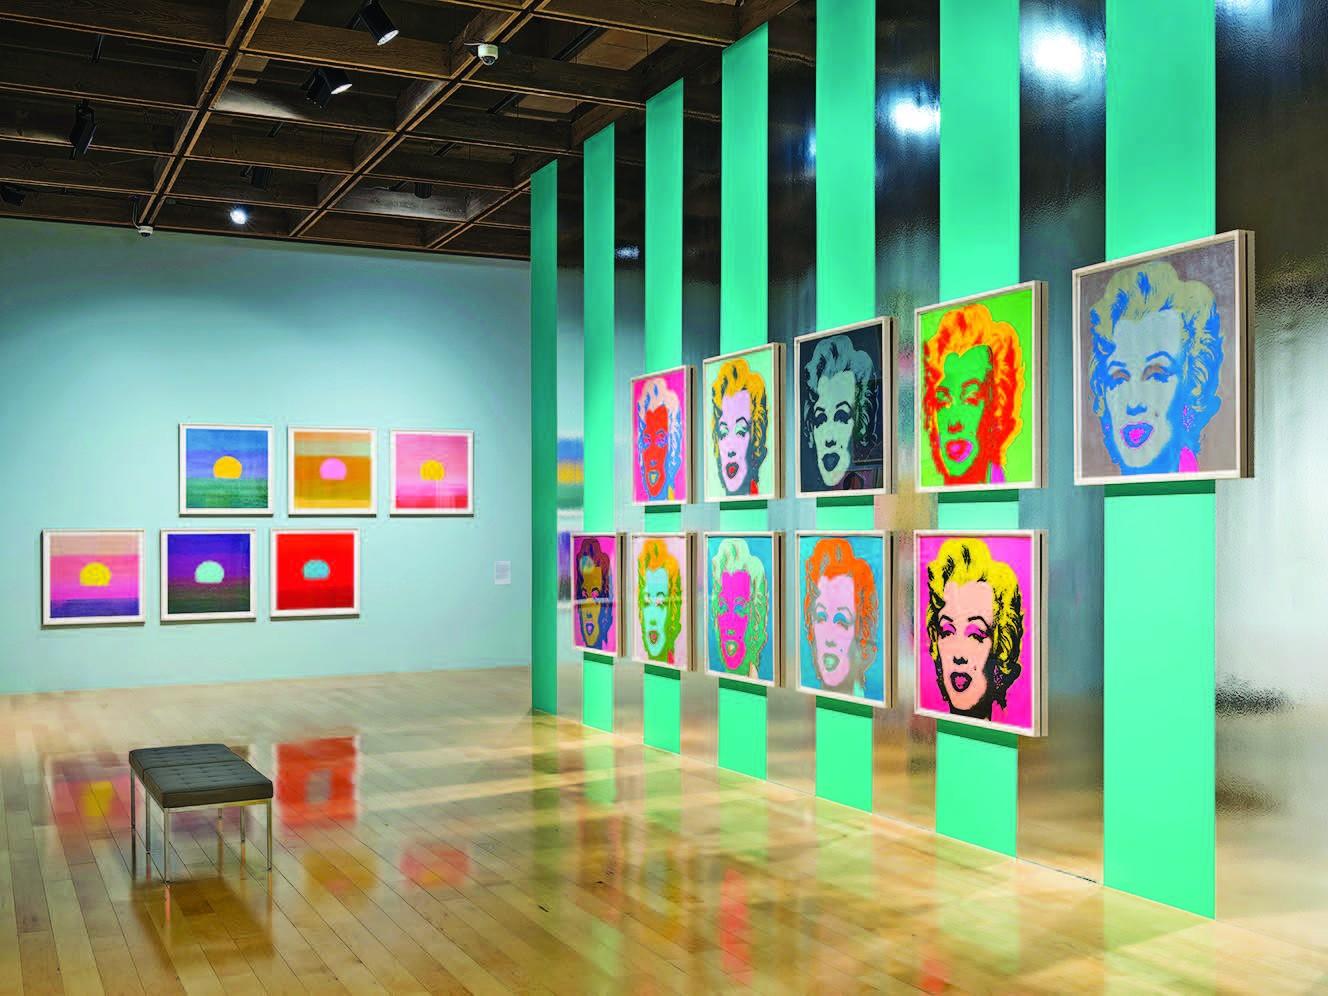 Art museum in Palm Springs